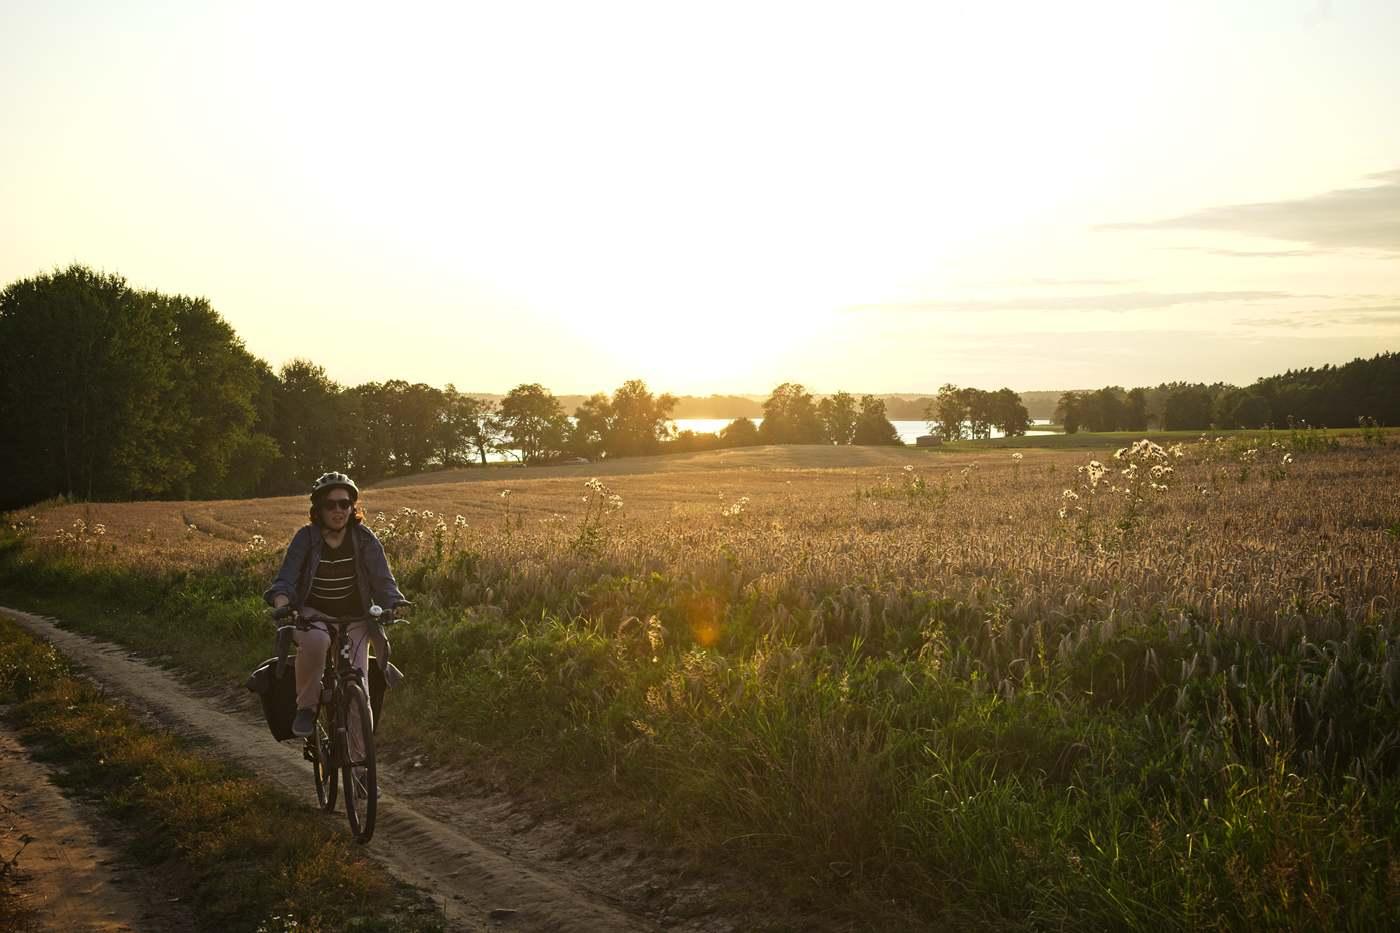 jezioro narie olsztyn ostroda rowerem trasa rowerowa